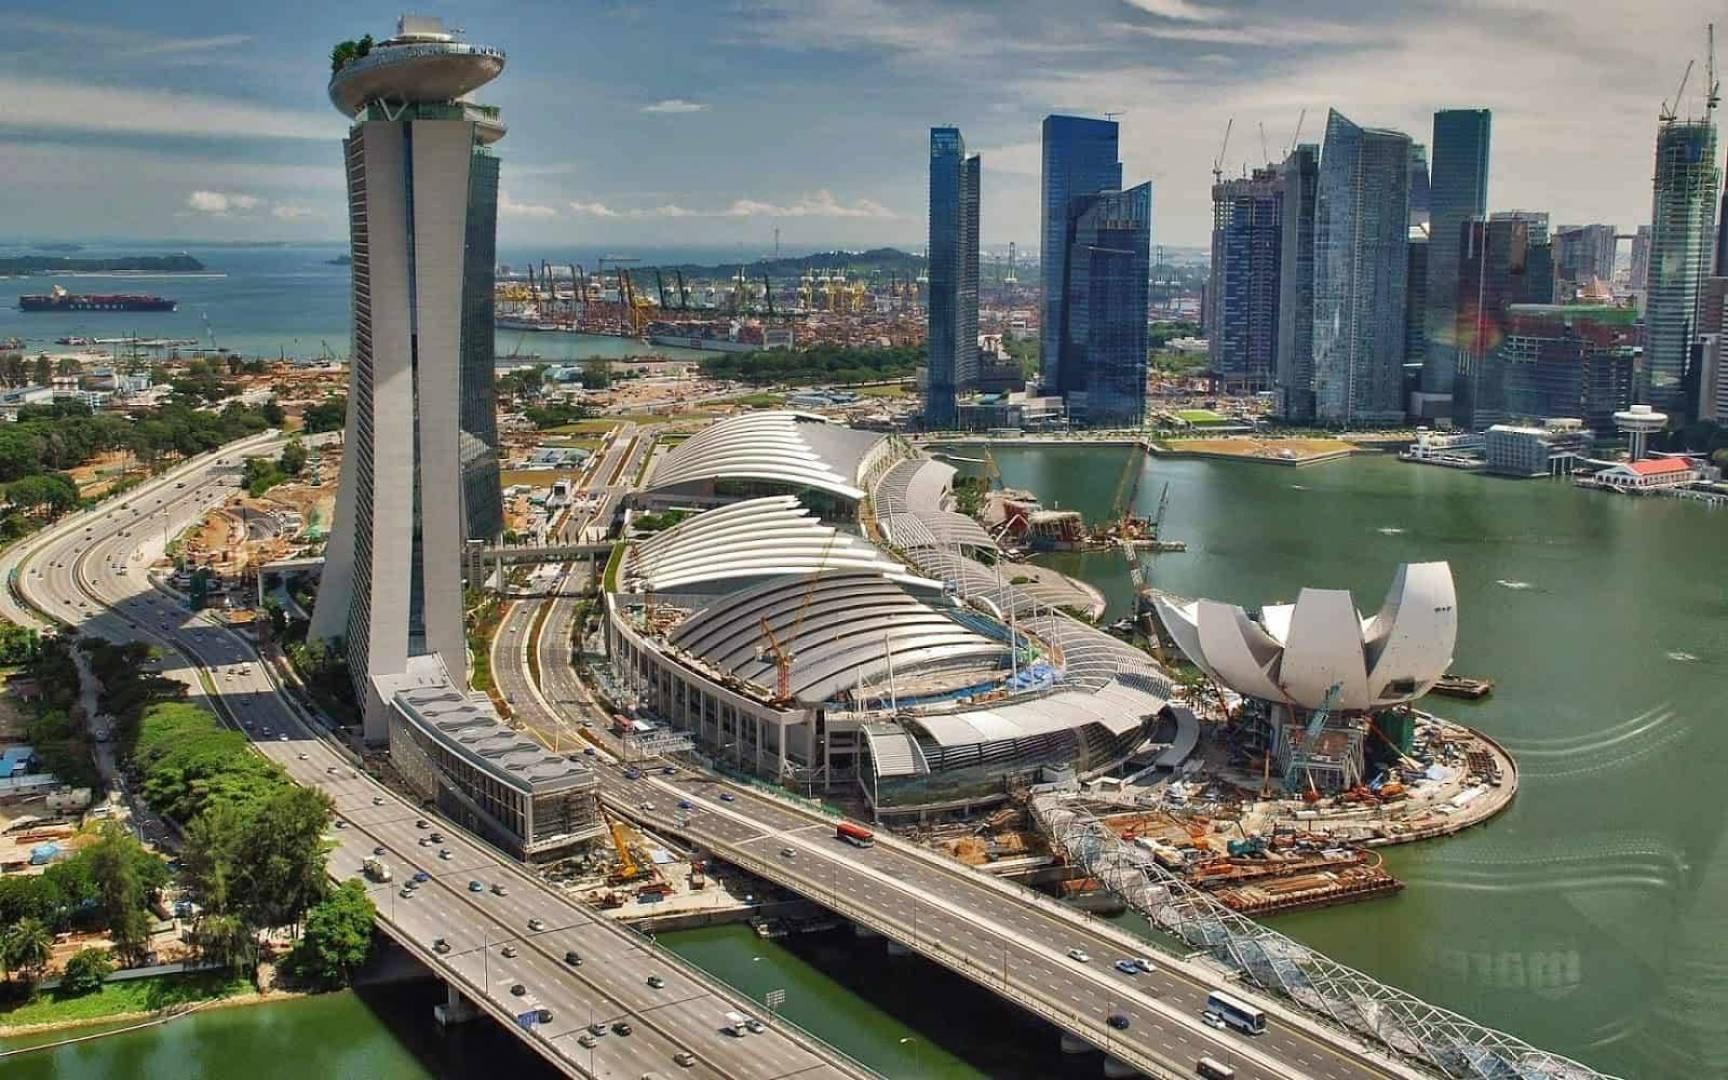 سنغافورة تدخل في ركود للمرة الأولى منذ أكثر من عقد